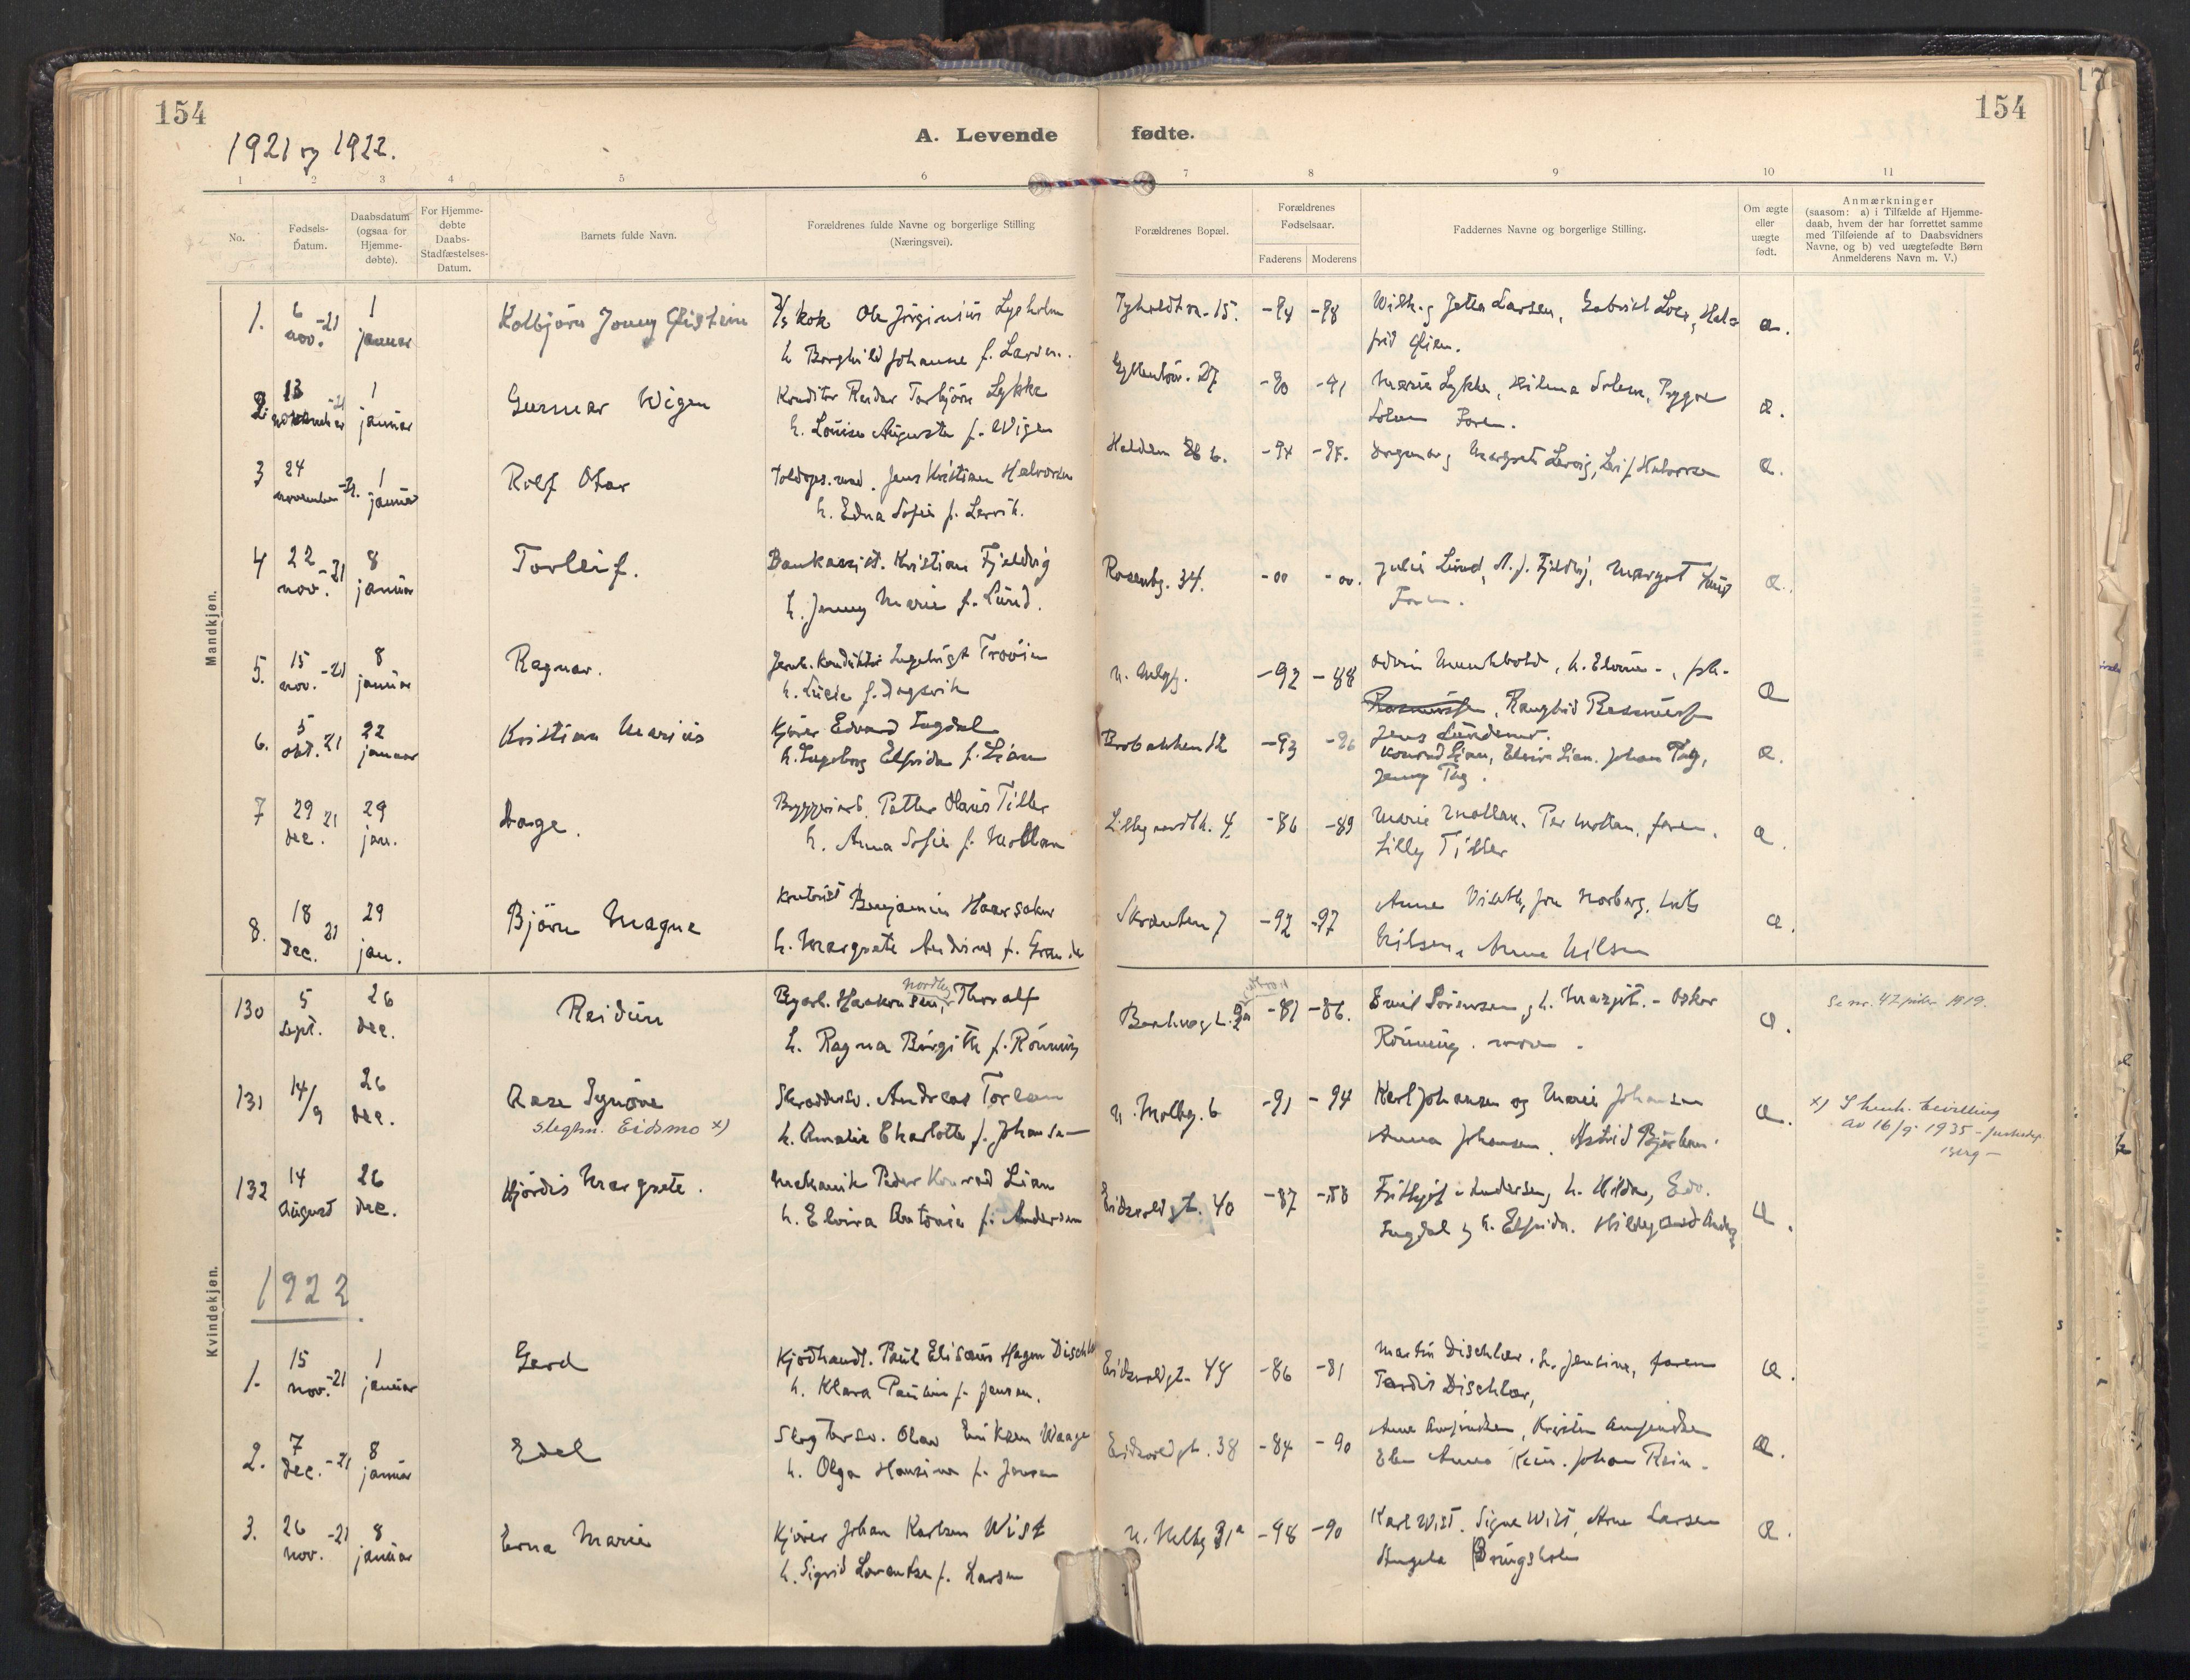 SAT, Ministerialprotokoller, klokkerbøker og fødselsregistre - Sør-Trøndelag, 604/L0205: Ministerialbok nr. 604A25, 1917-1932, s. 154